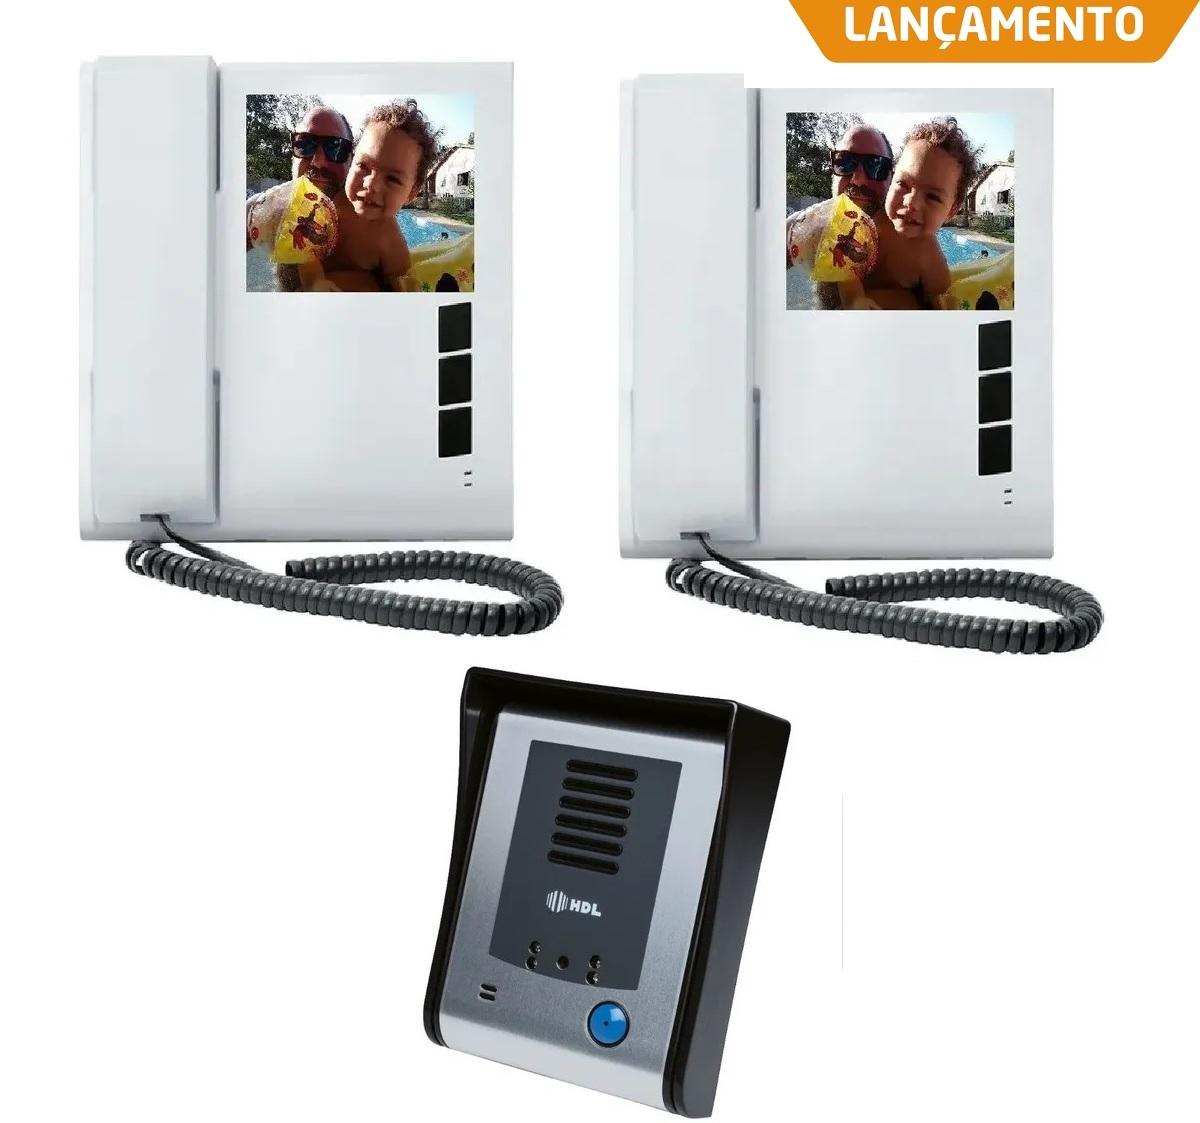 Kit Video Porteiro Eletrônico HDL Sense Classic S Colorido Com 2 Monitores